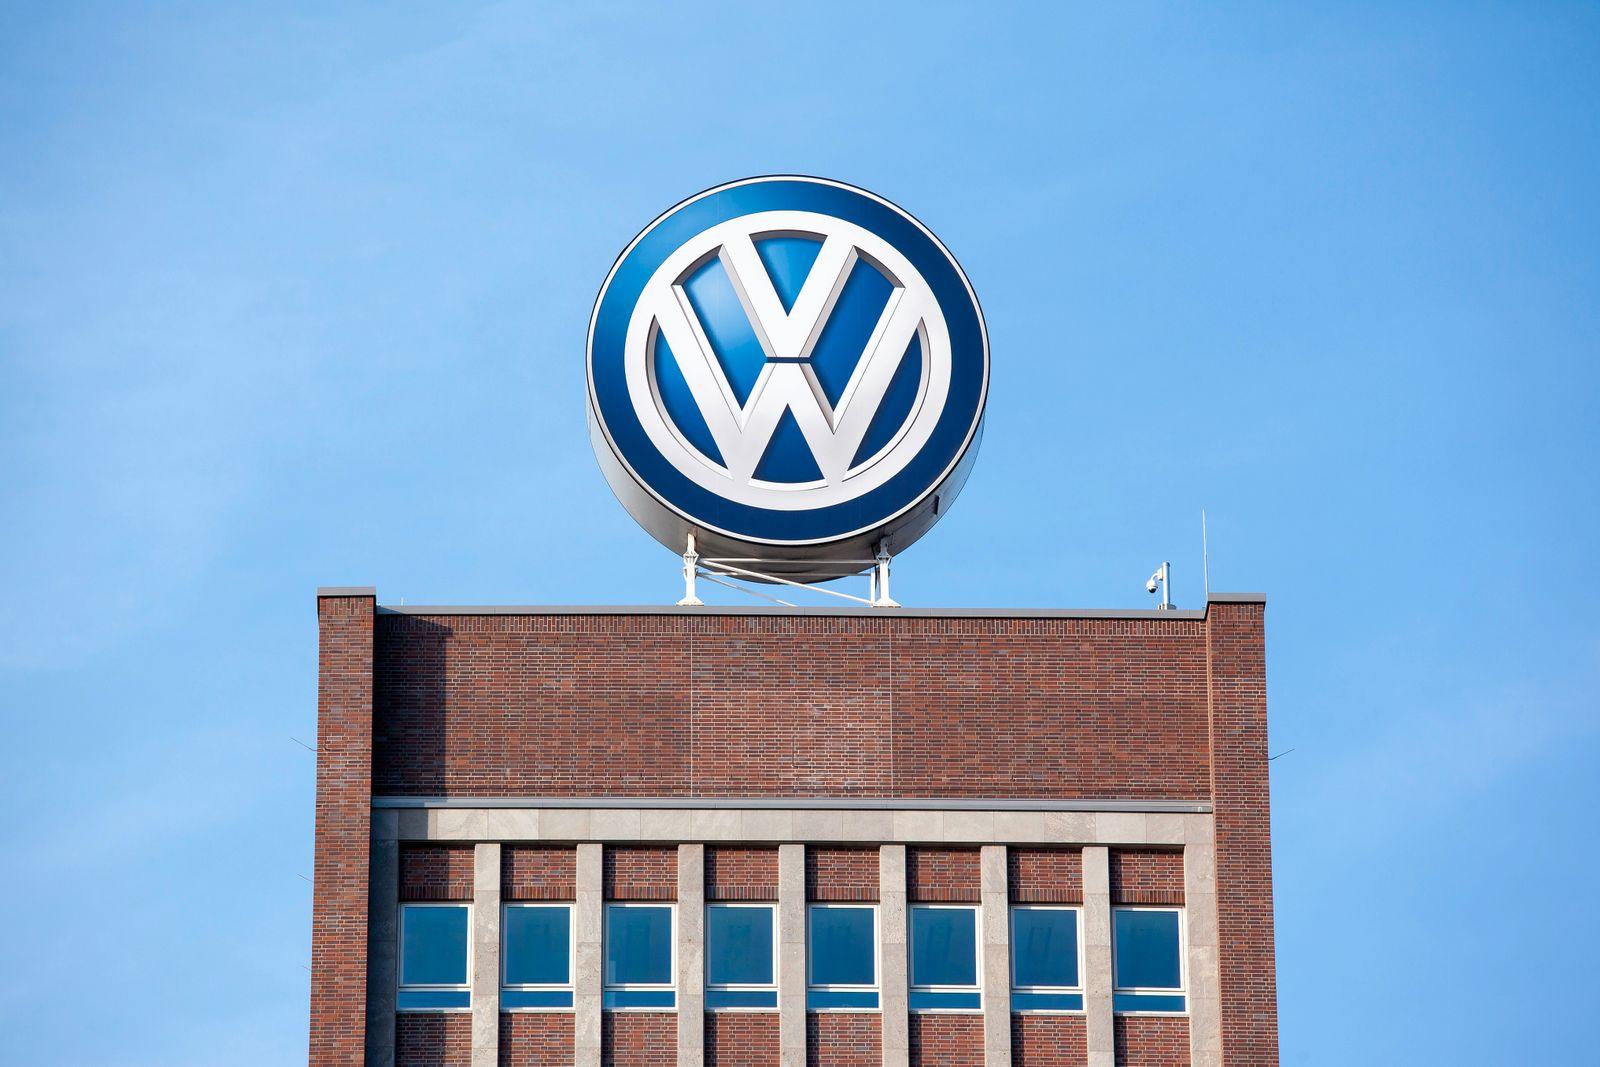 VW / Wolfsburg / ACHTUNG!!! DAS NEUE LOGO VON VW